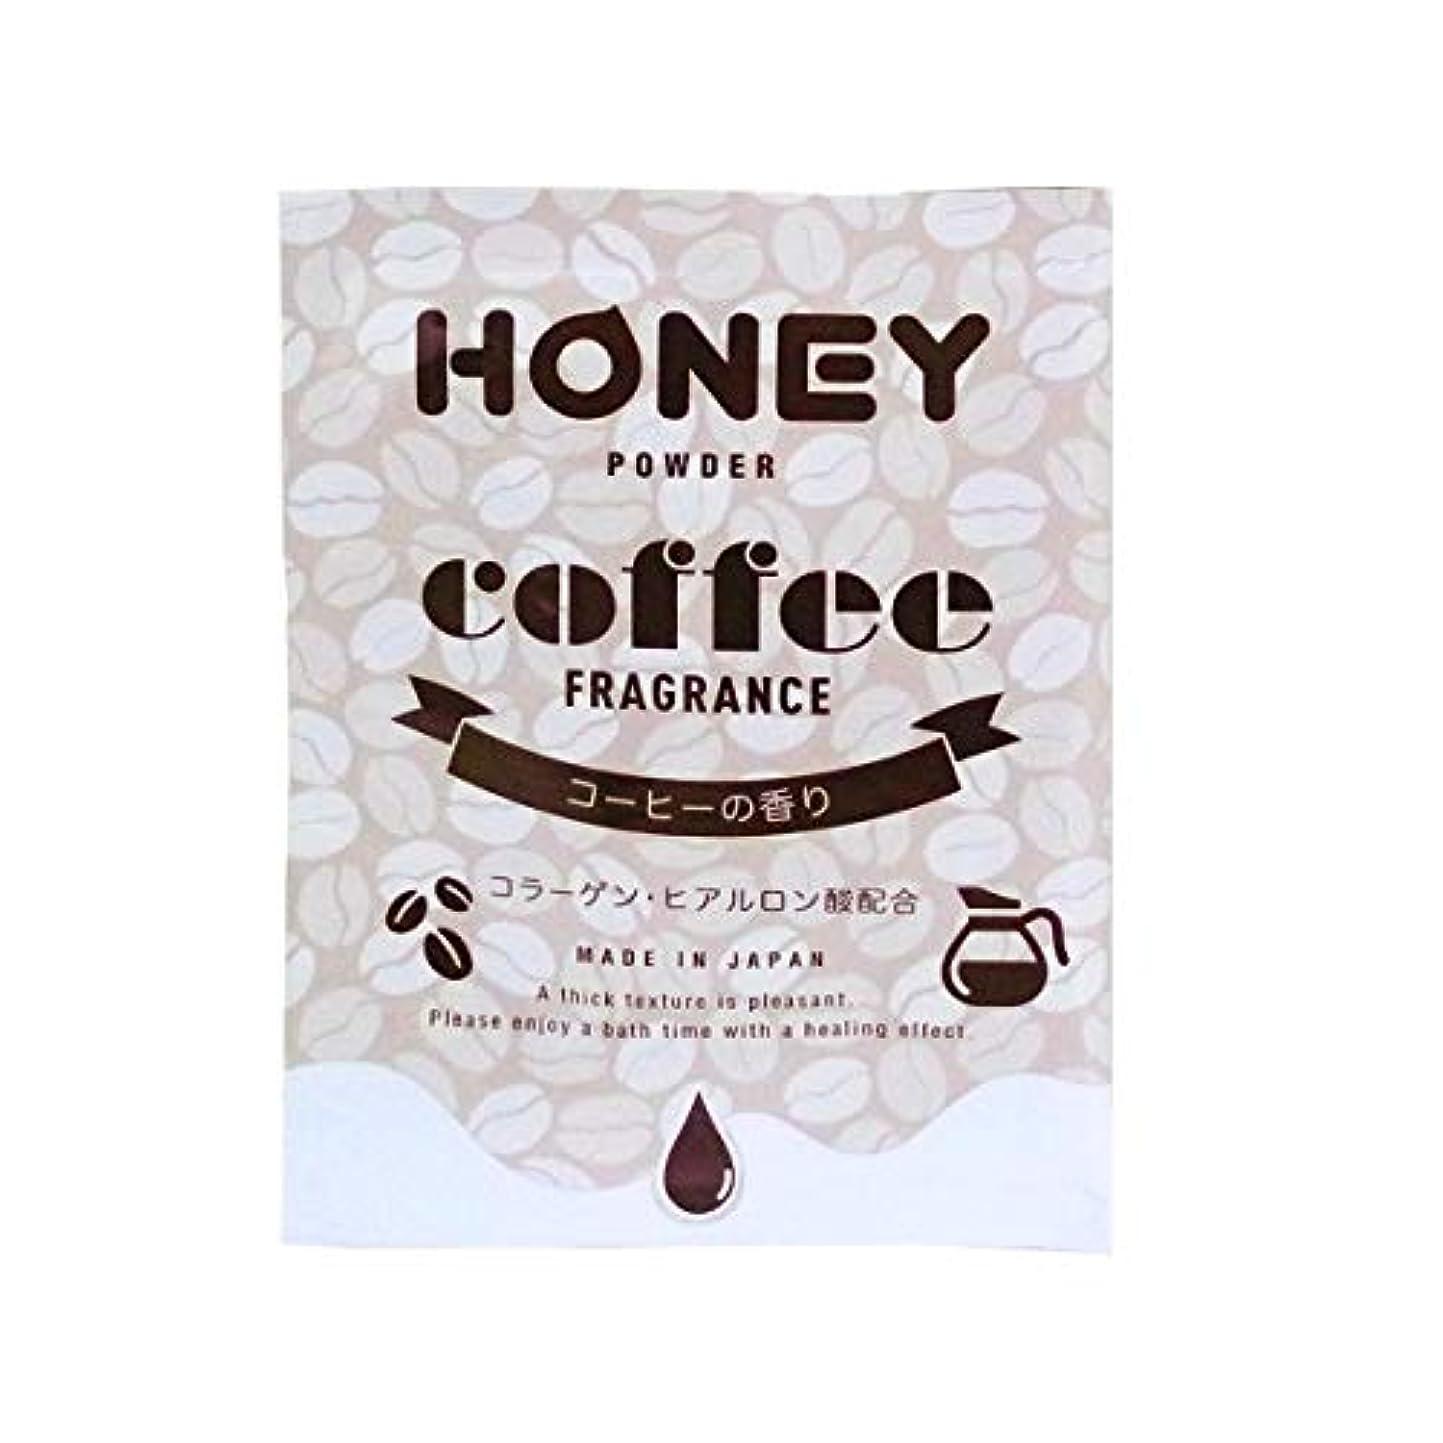 矢じり太陽ニコチンとろとろ入浴剤【honey powder】(ハニーパウダー) 2個セット コーヒーの香り 粉末タイプ ローション